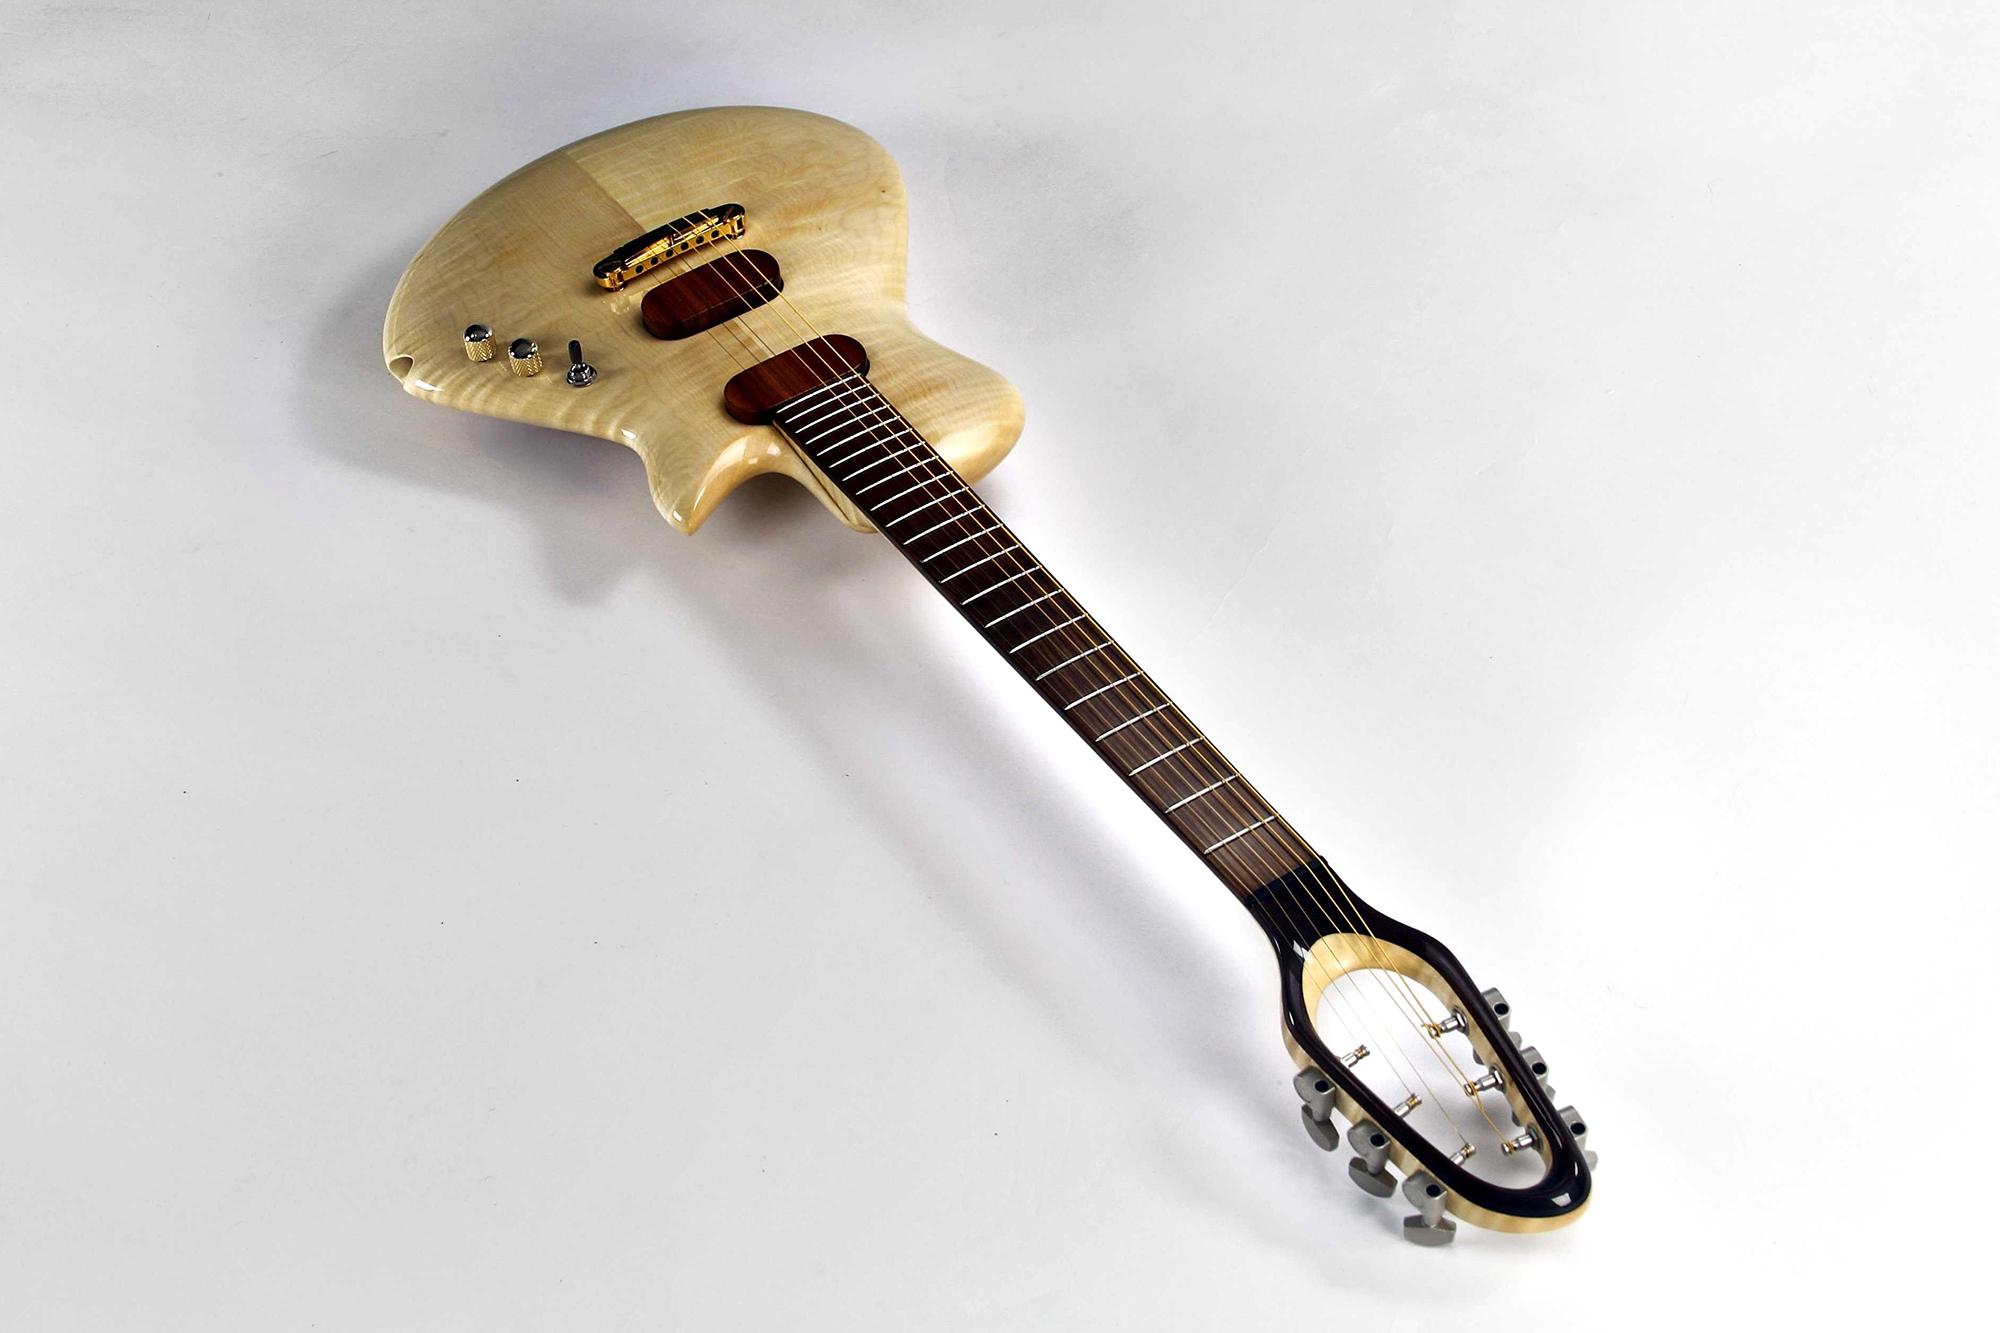 CannaGuitar mit Griffbrett, Brücke und Kopfplatte aus Sonowood Ahorn von Canna Guitars